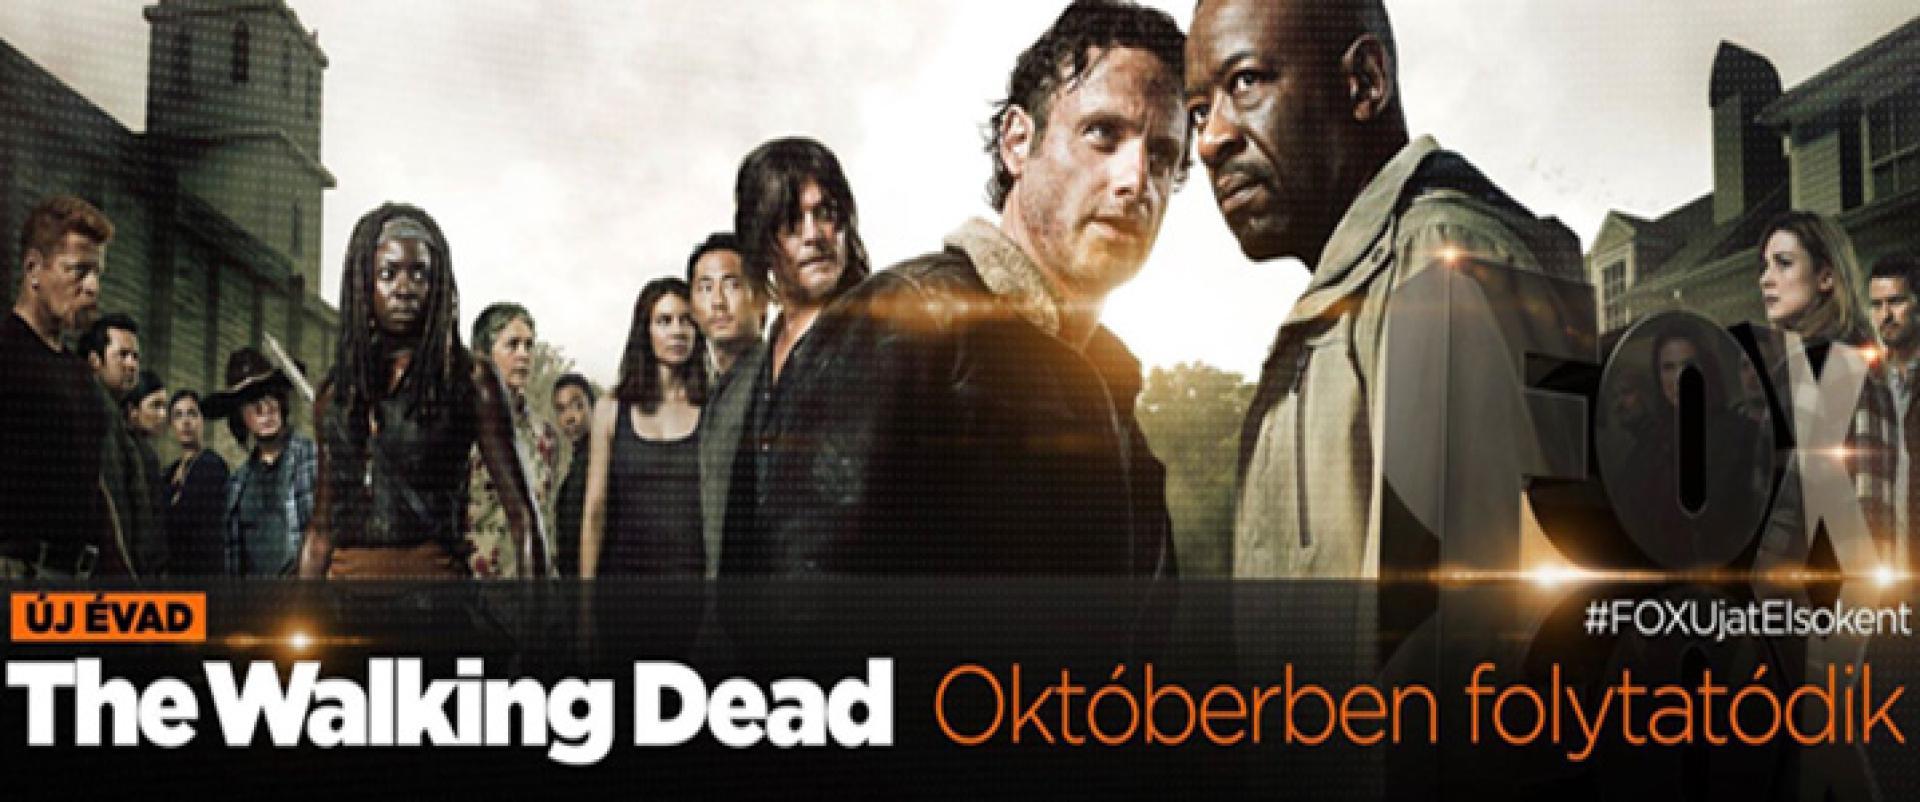 The Walking Dead: karakterfejlődés (2. rész)